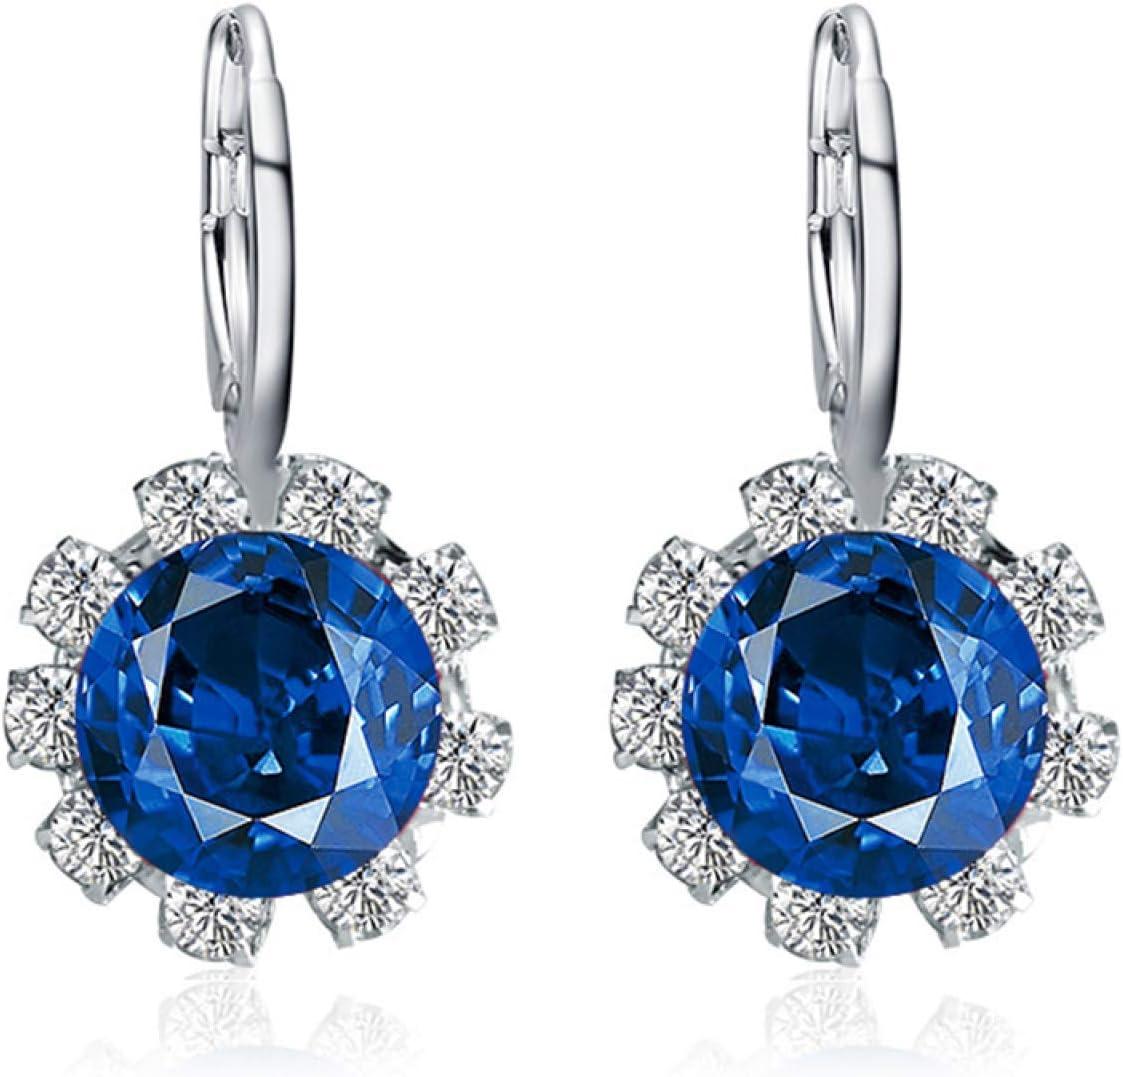 Pendientes redondos, para mujer con forma redonda y elegante de flor de imitación de cristal de circonita cúbica de regalo - azul real